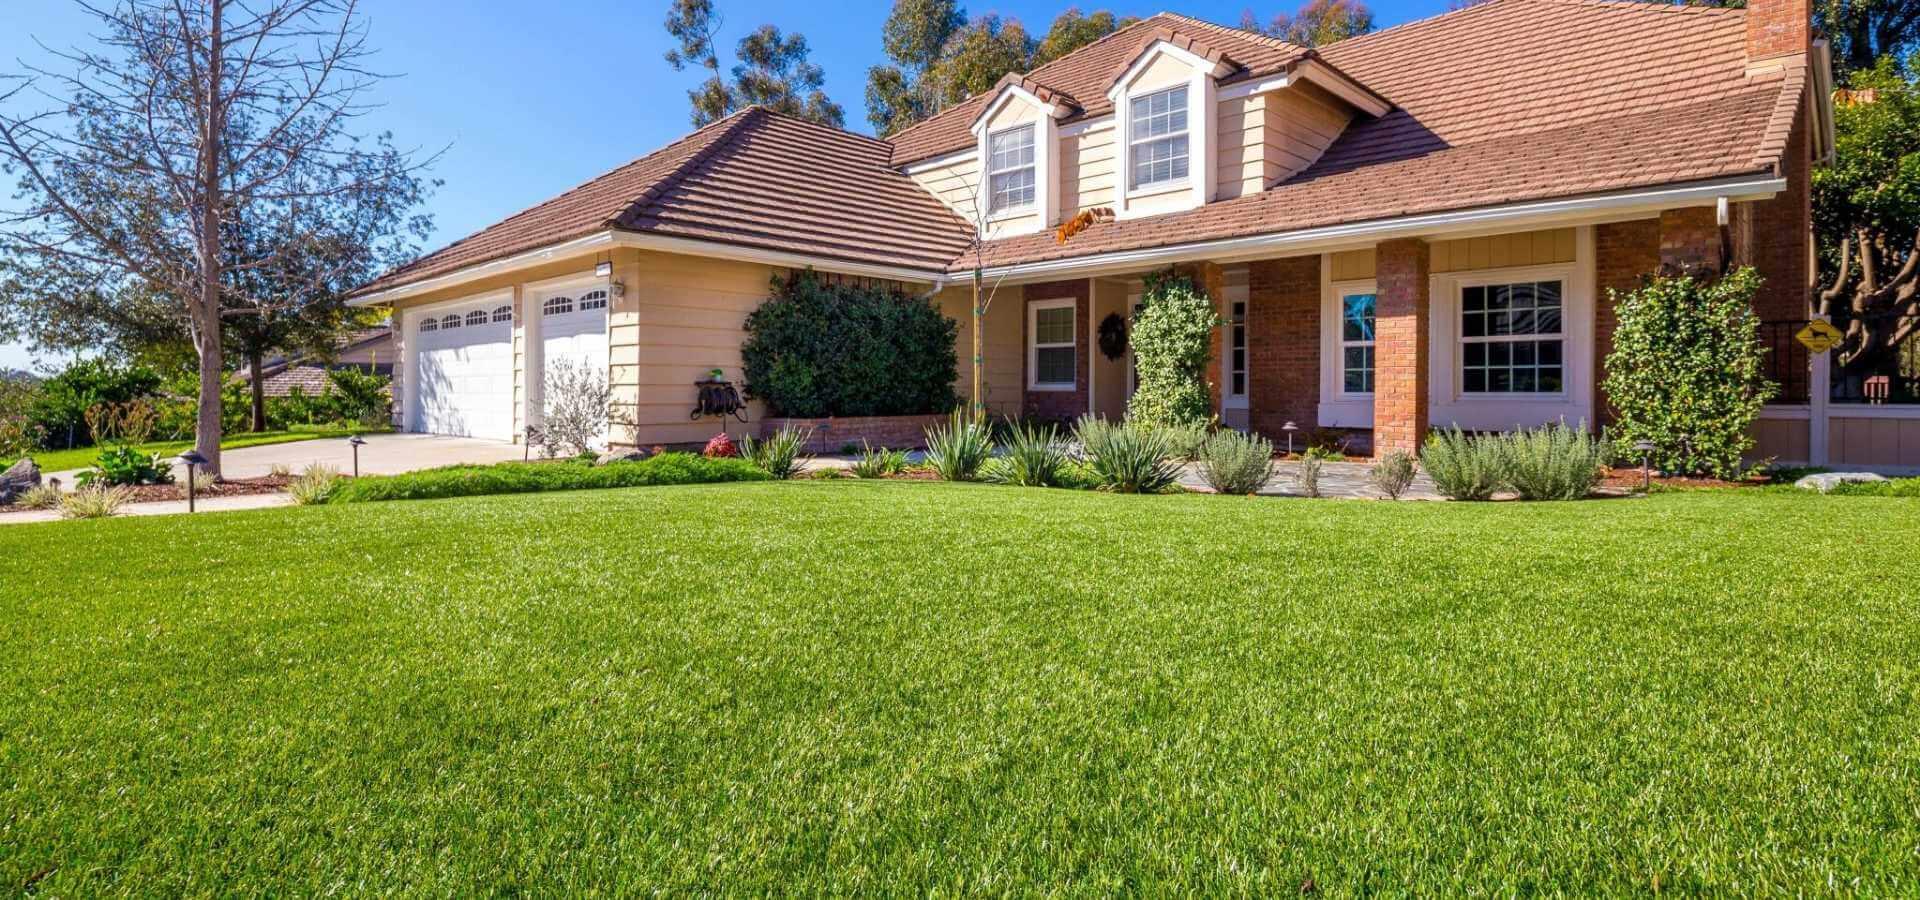 #1 Artificial Grass Company Texas